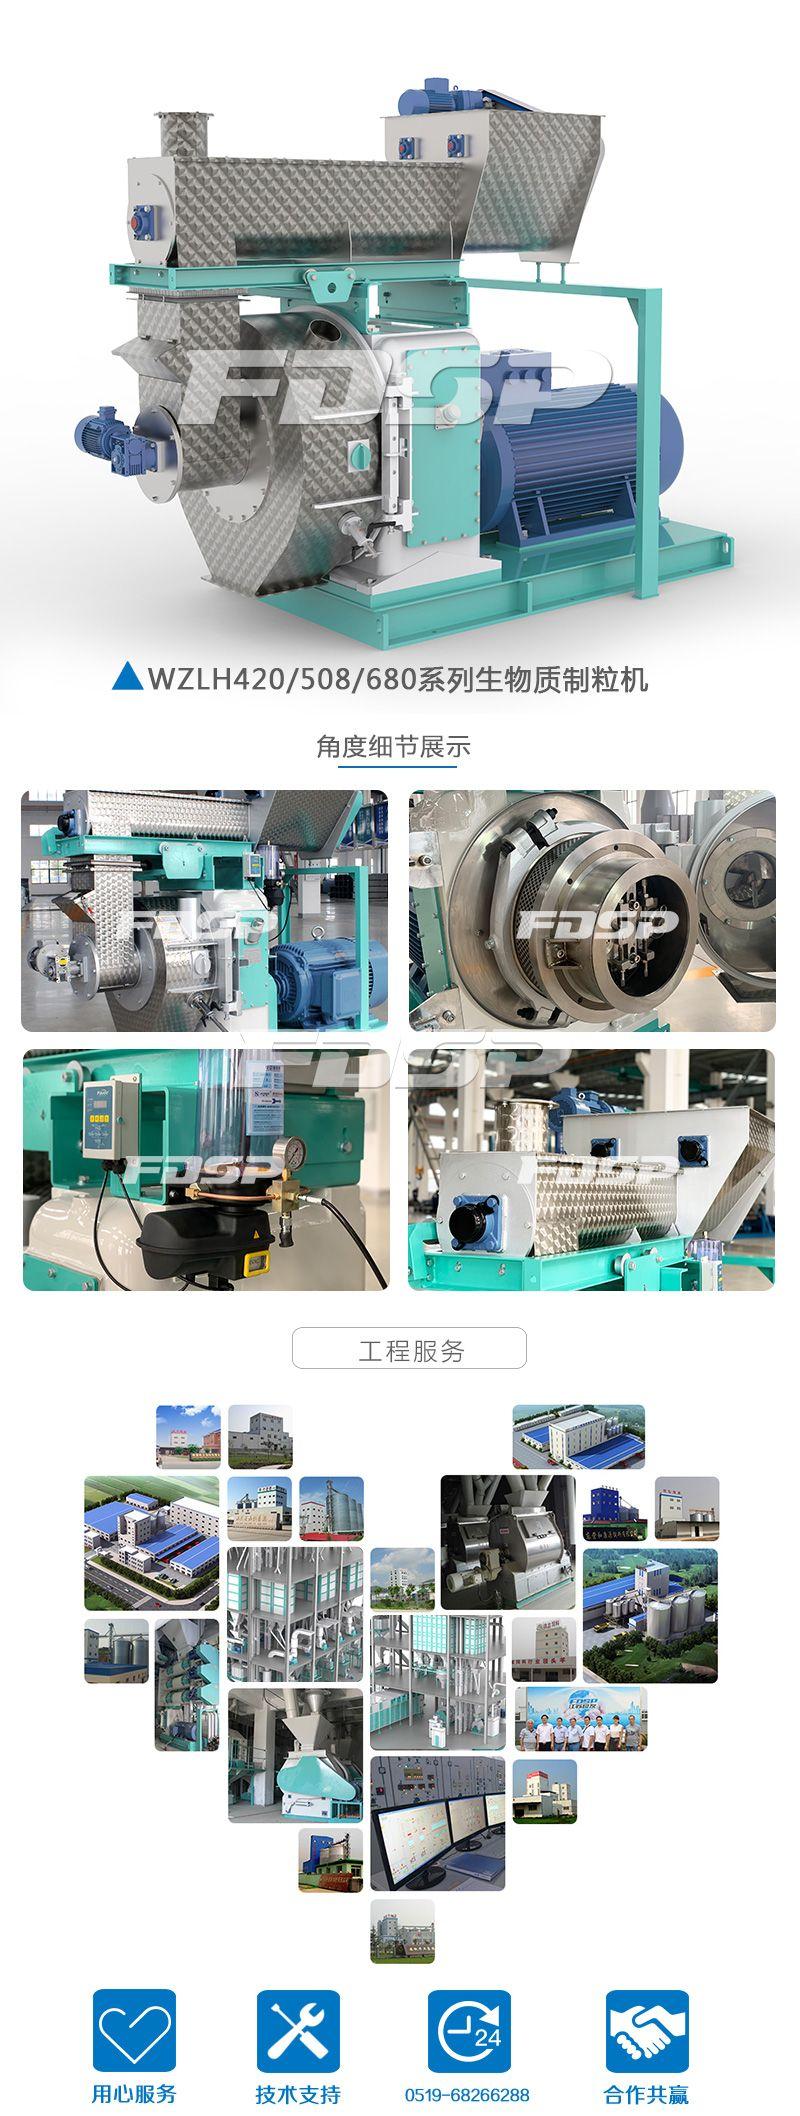 Granulador de biomasa serie MZLH680